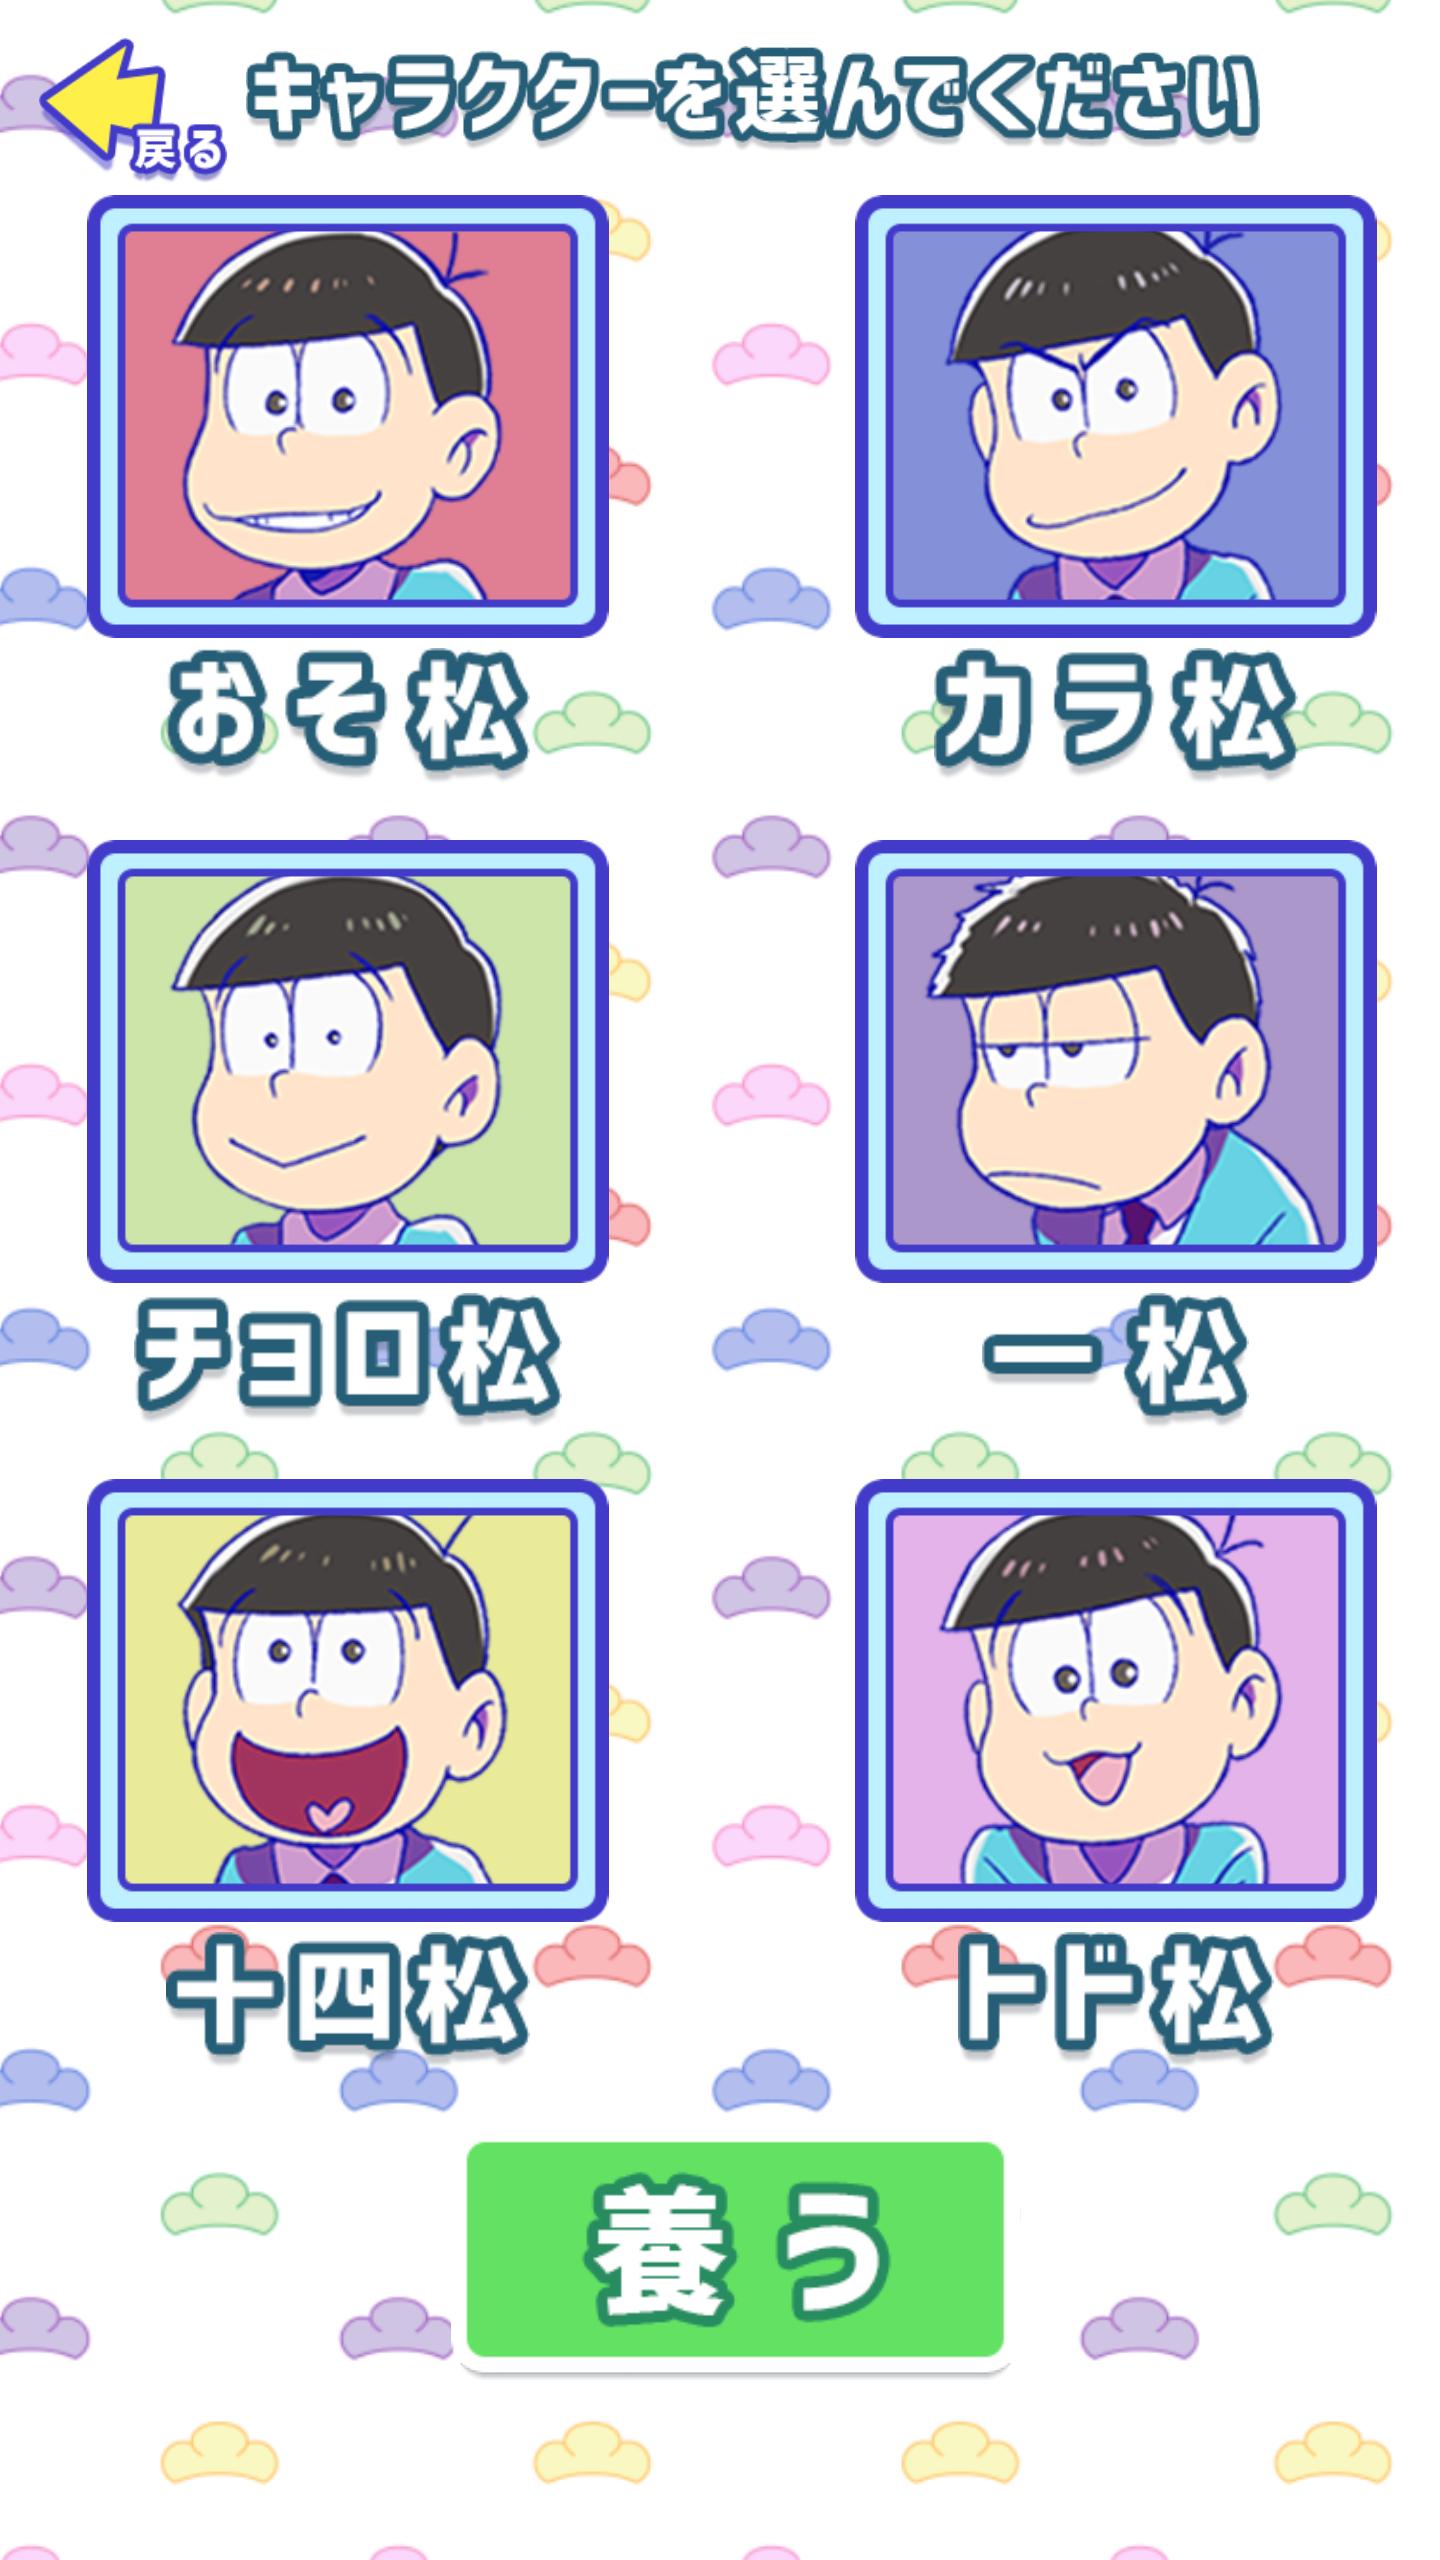 松野家扶養家族選抜会場【おそ松さん養うアプリ】 androidアプリスクリーンショット2